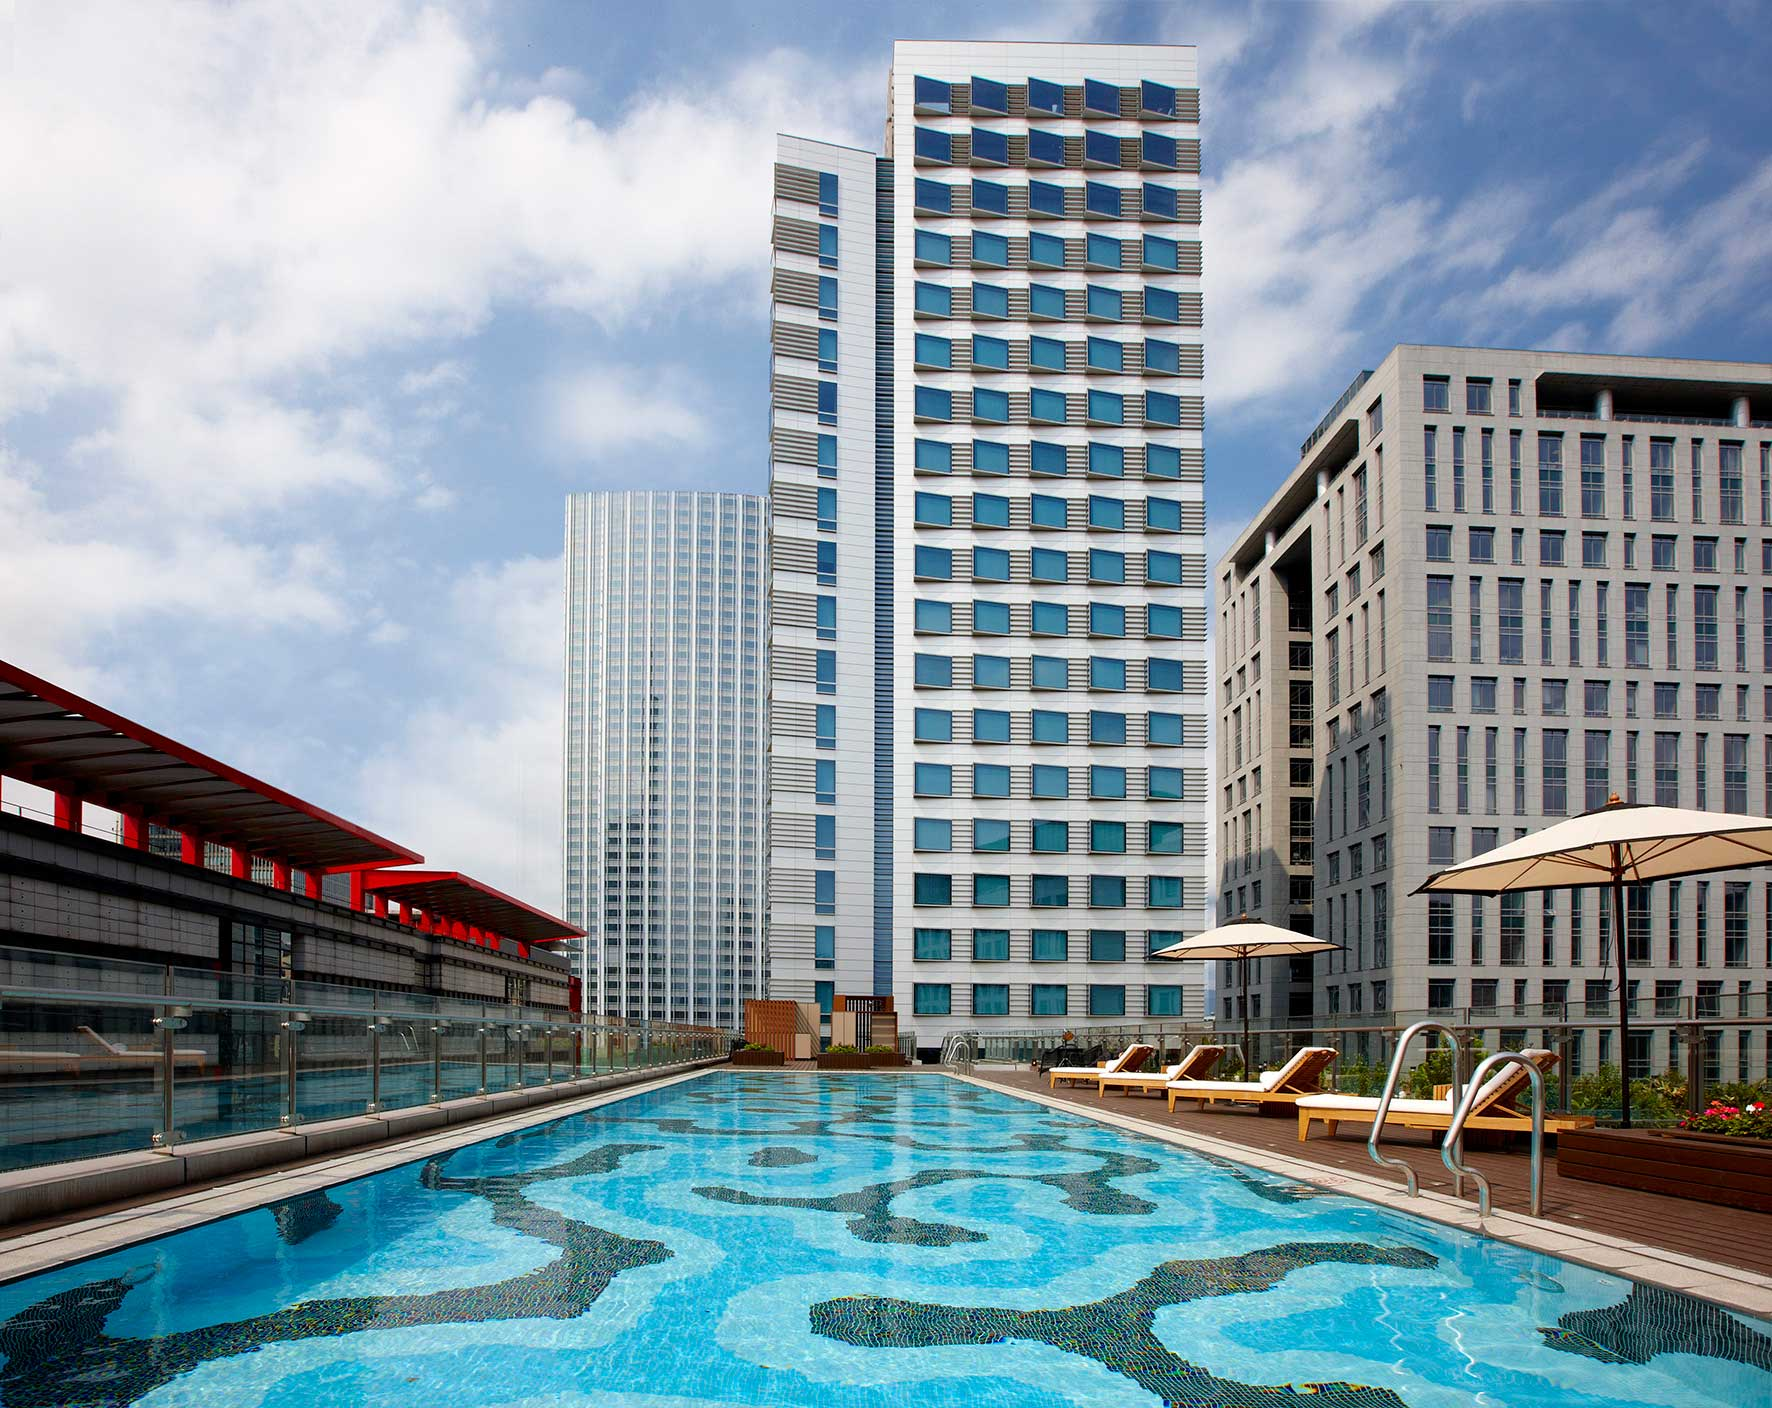 寒舍艾麗酒店 - 設施服務 - 戶外游泳池